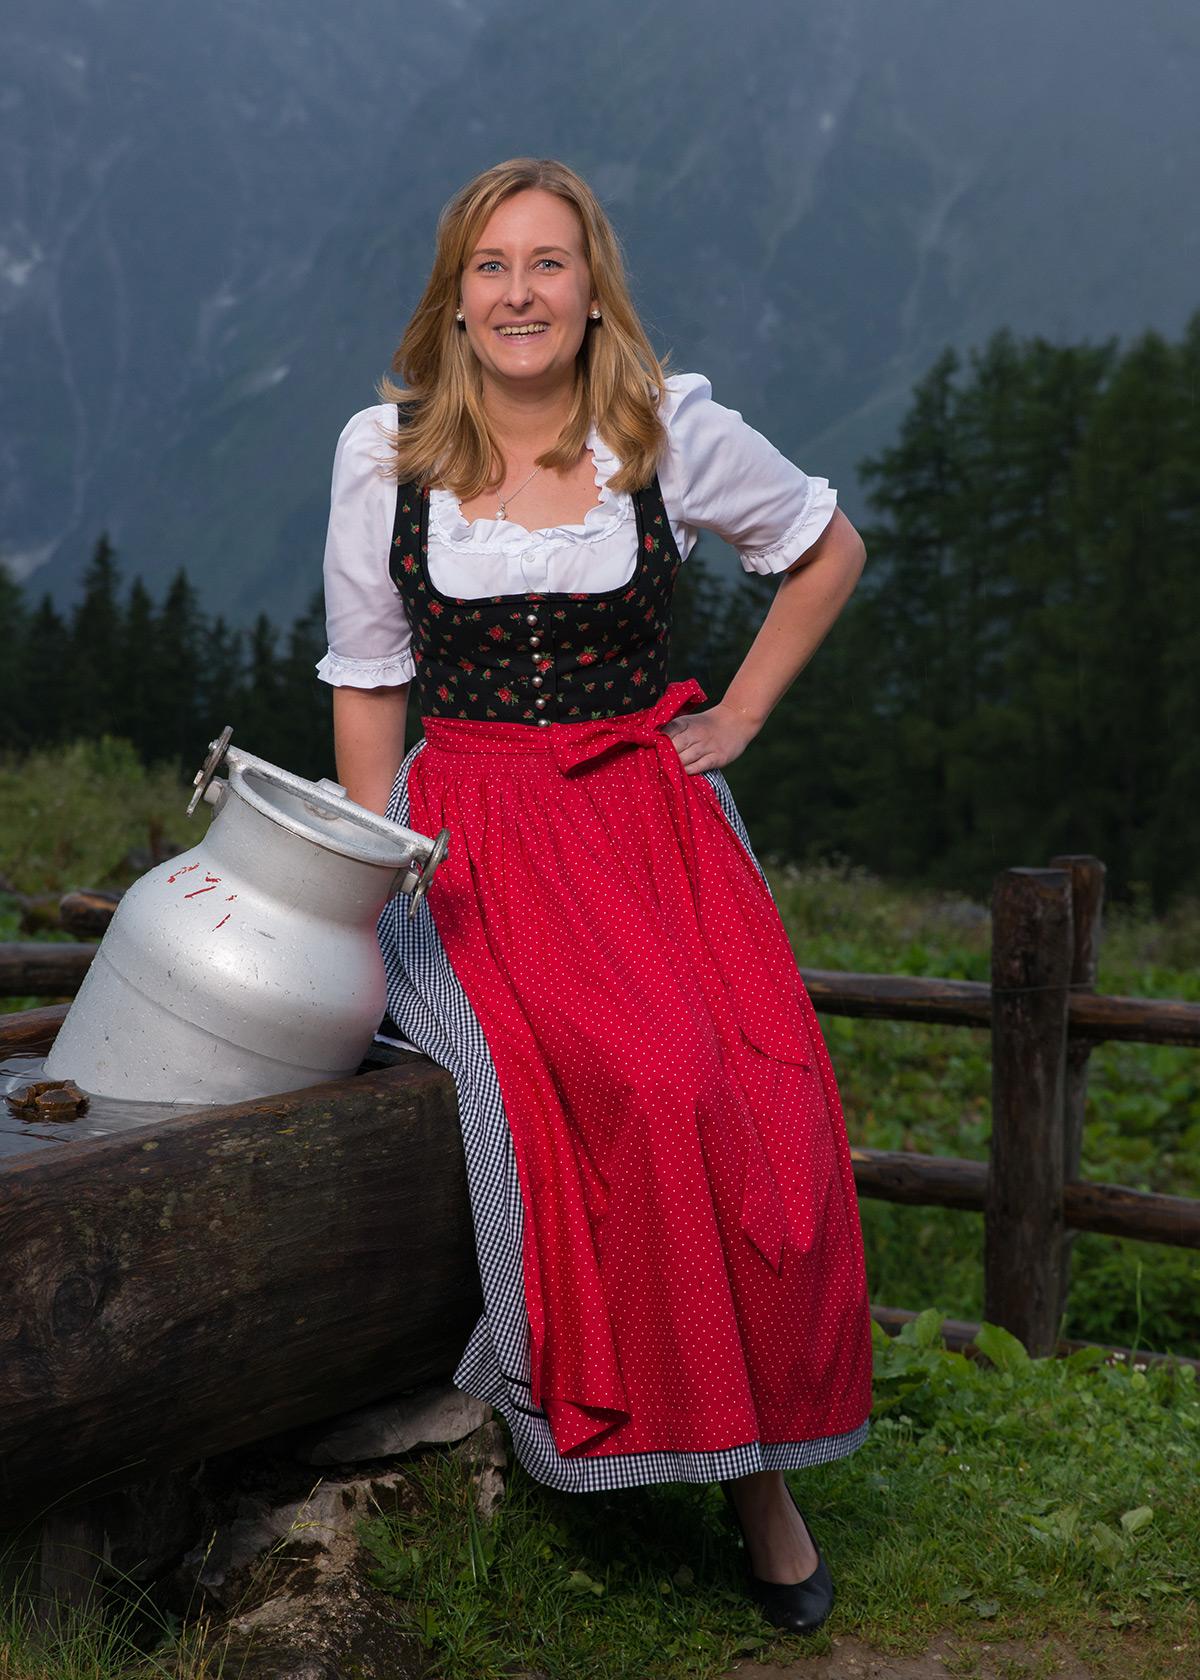 Teresa Hallinger